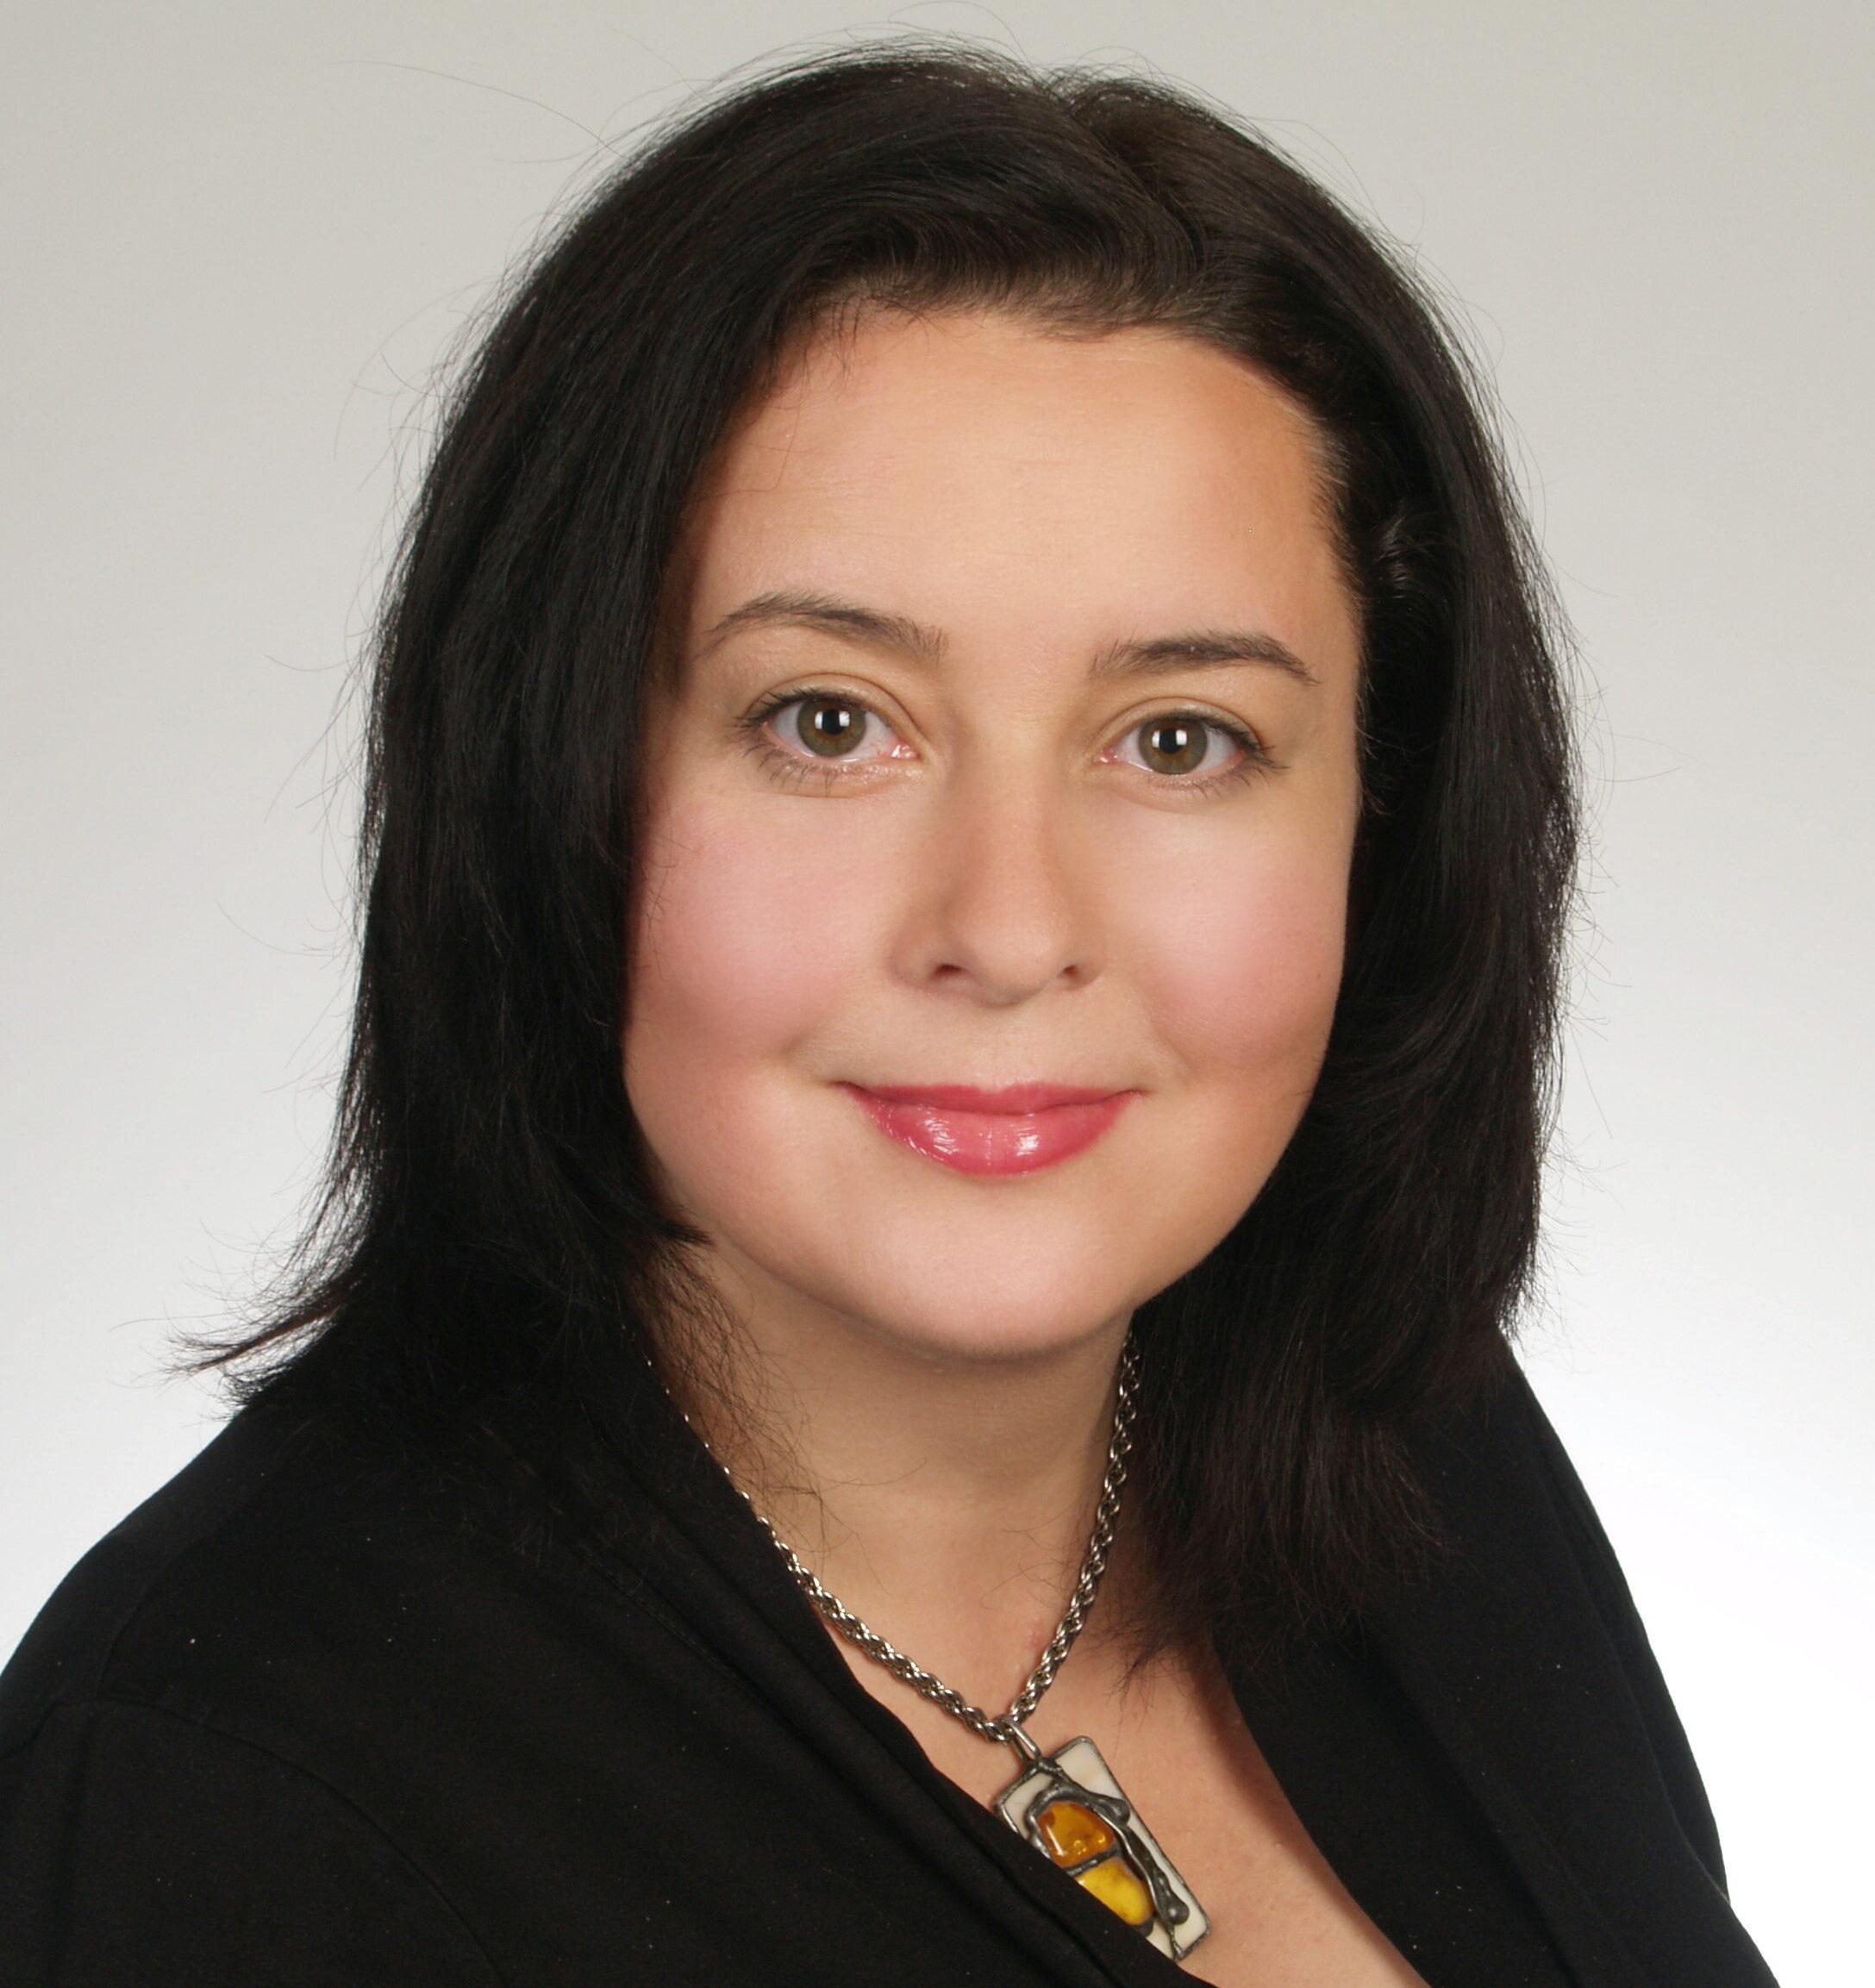 Maria Janeczko-Janicka